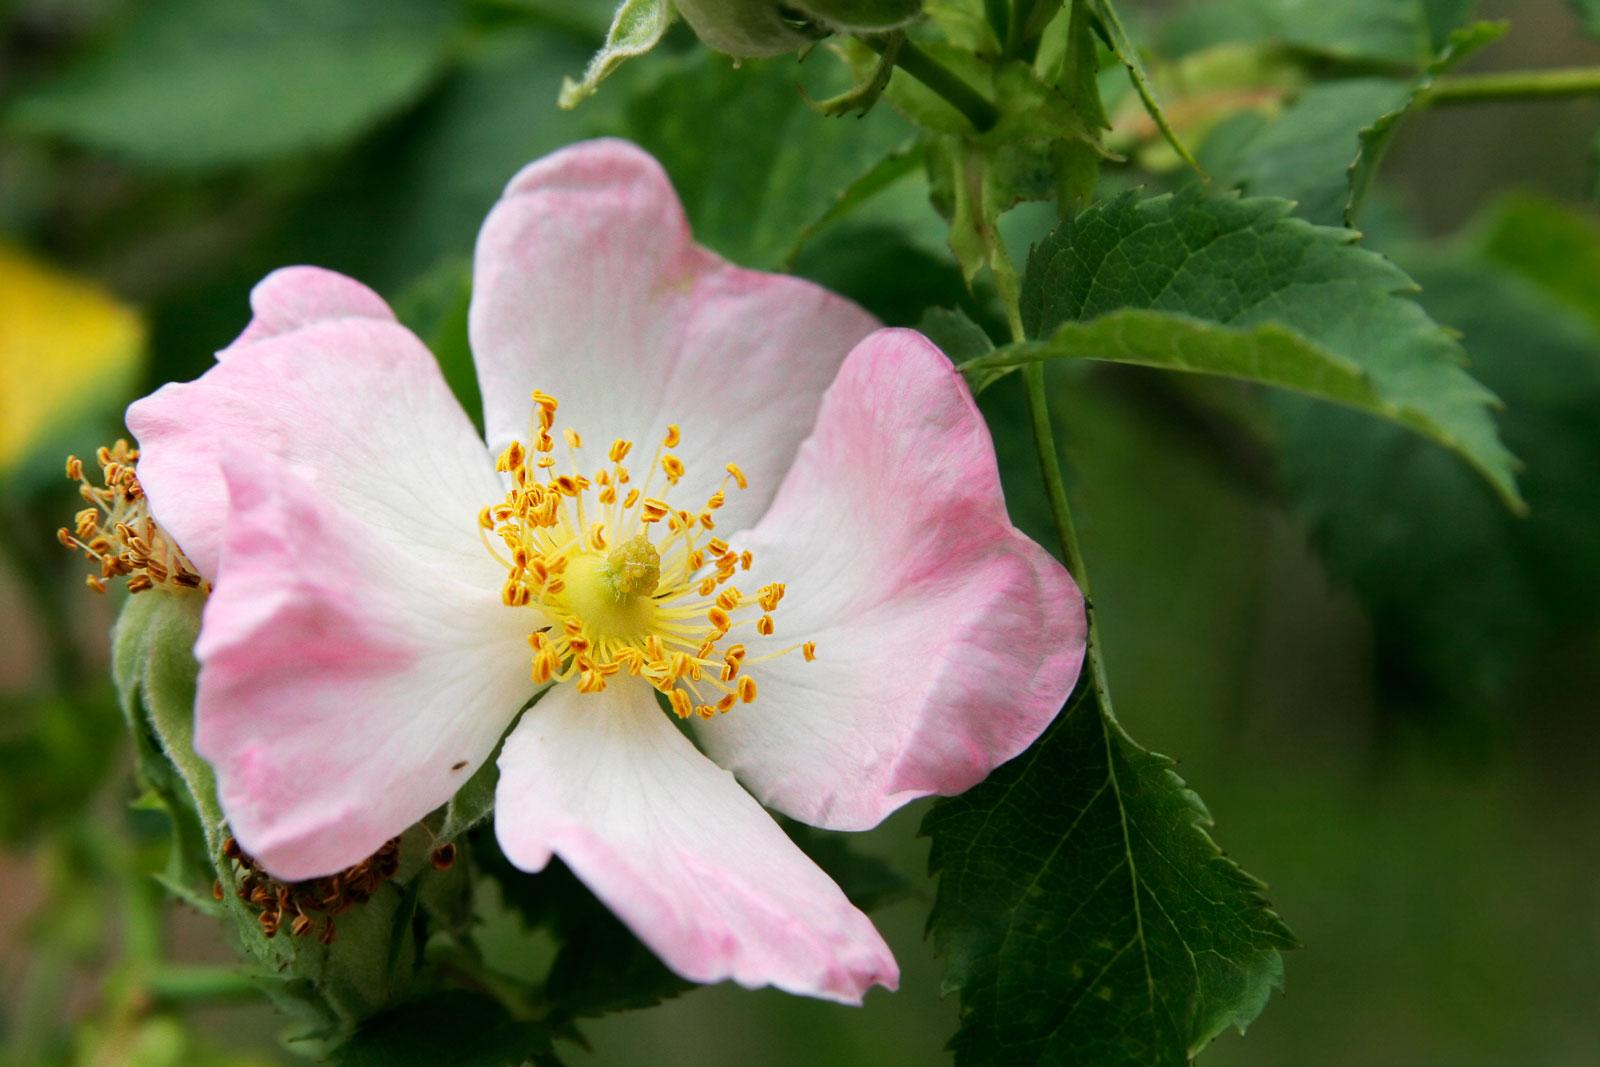 nen trong hoa hong ta hay hoa hong ngoai tai nha? - 2